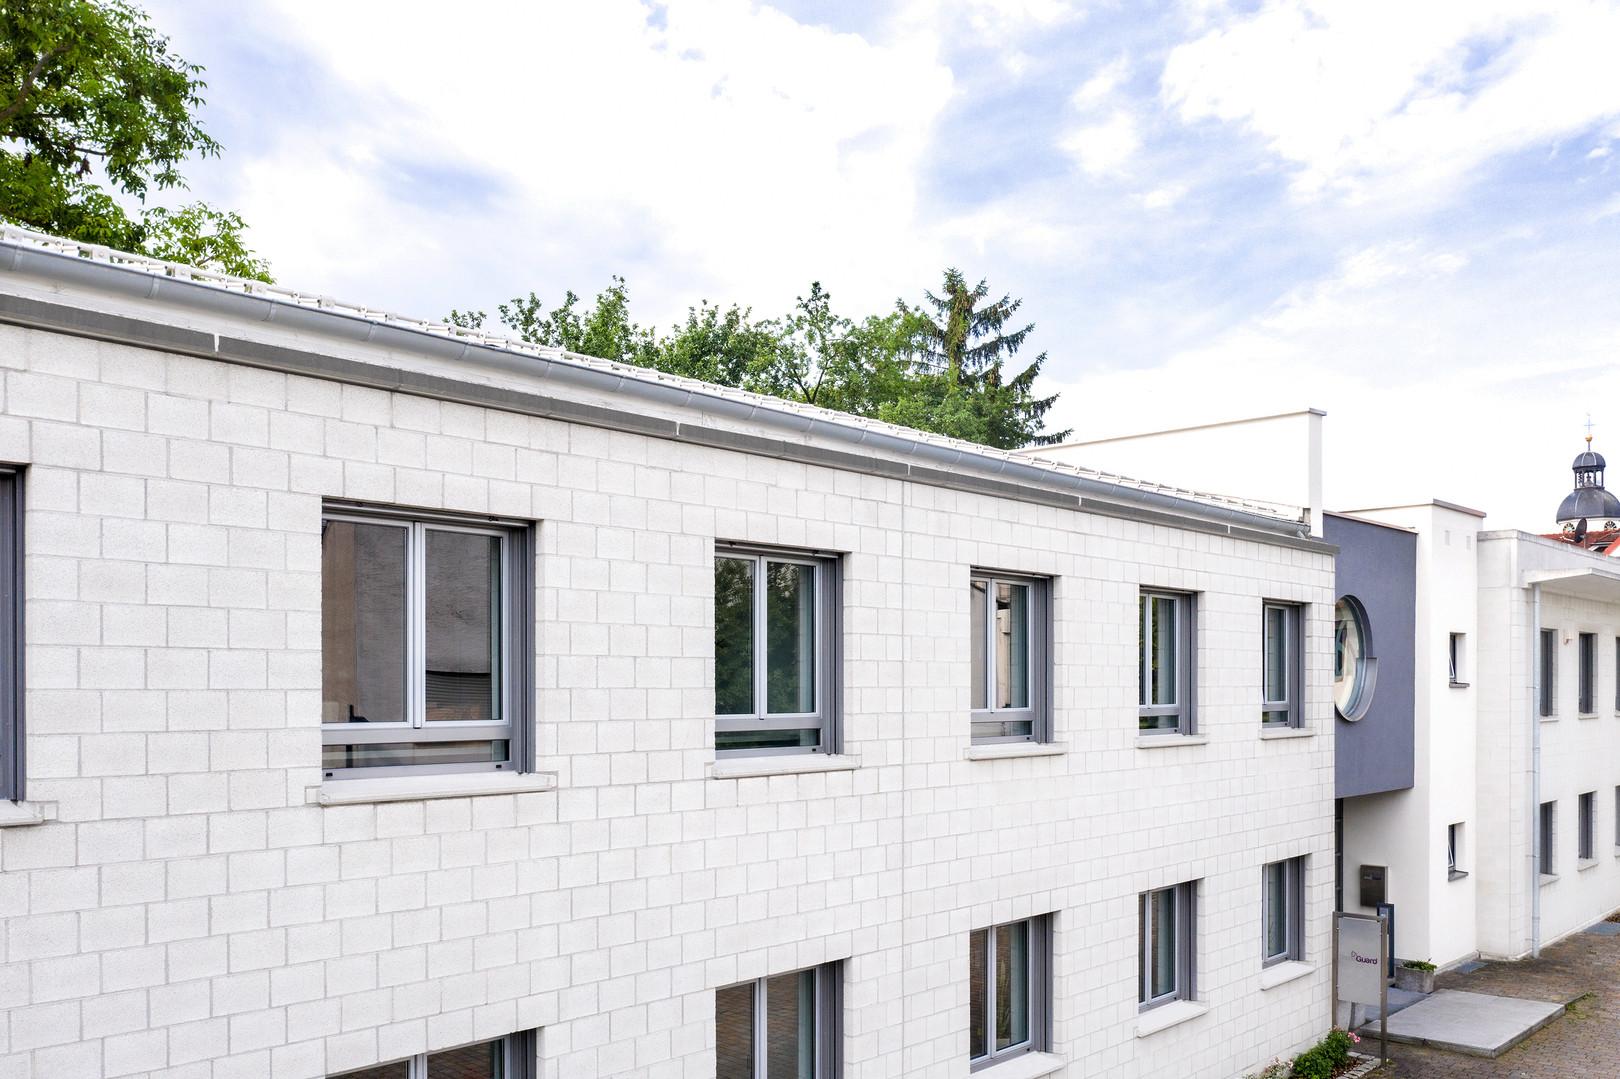 Der Haupt- und gleichzeitig Verwaltungssitz von dressGuard befindet sich im Norden des Landkreises Karlsruhe in Baden-Württemberg. Hier legen wir den Grundstein für innovative Kreationen bzw. Kollektionen im Auftrag unserer internationalen Kunden.